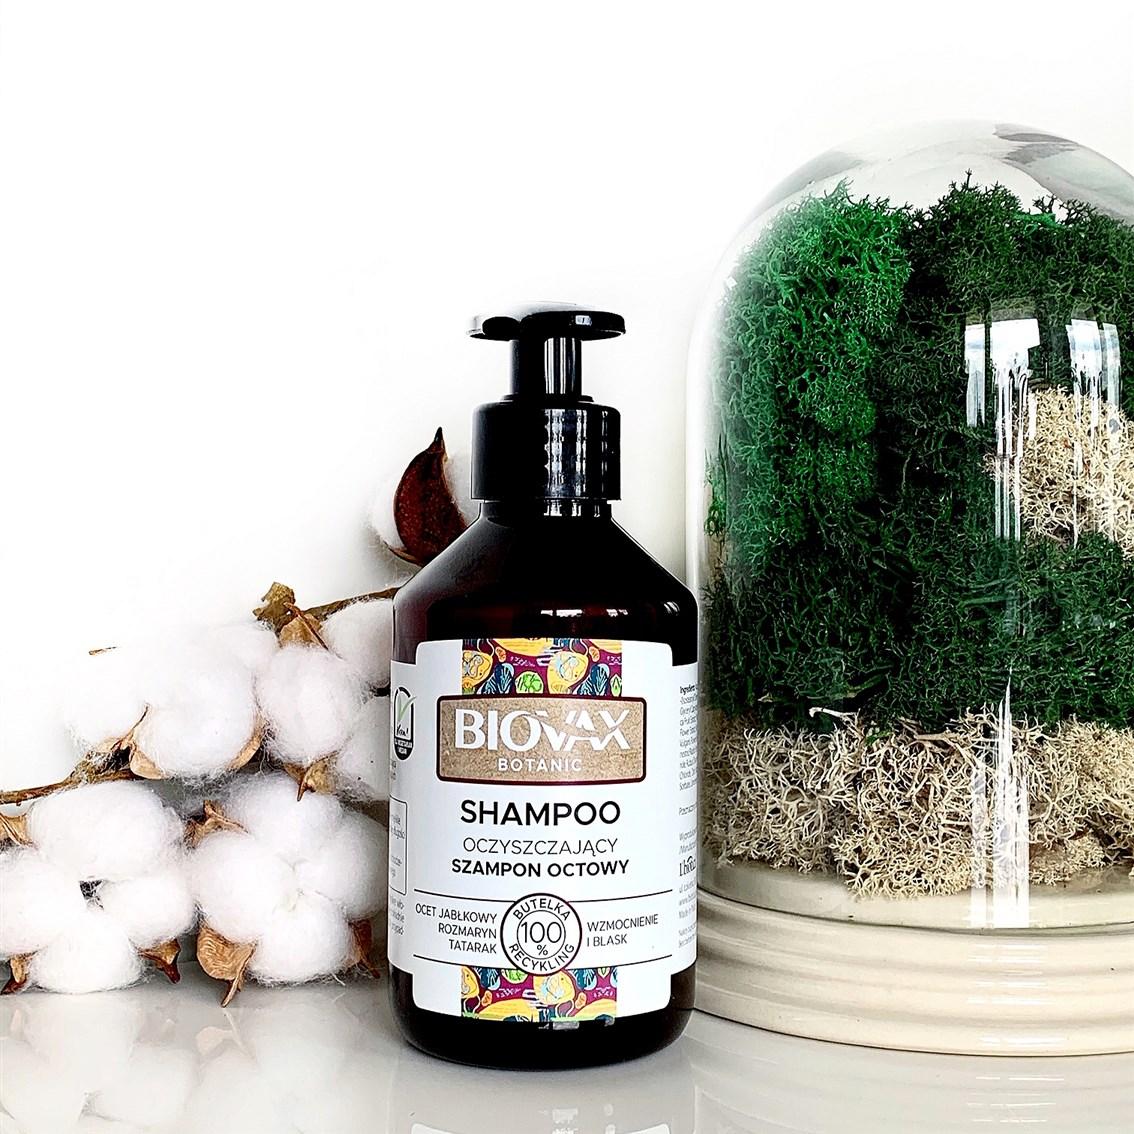 L'Biotica Biovax Botanic Ocet Jabłkowy i Rozmaryn Oczyszczający szampon octowy